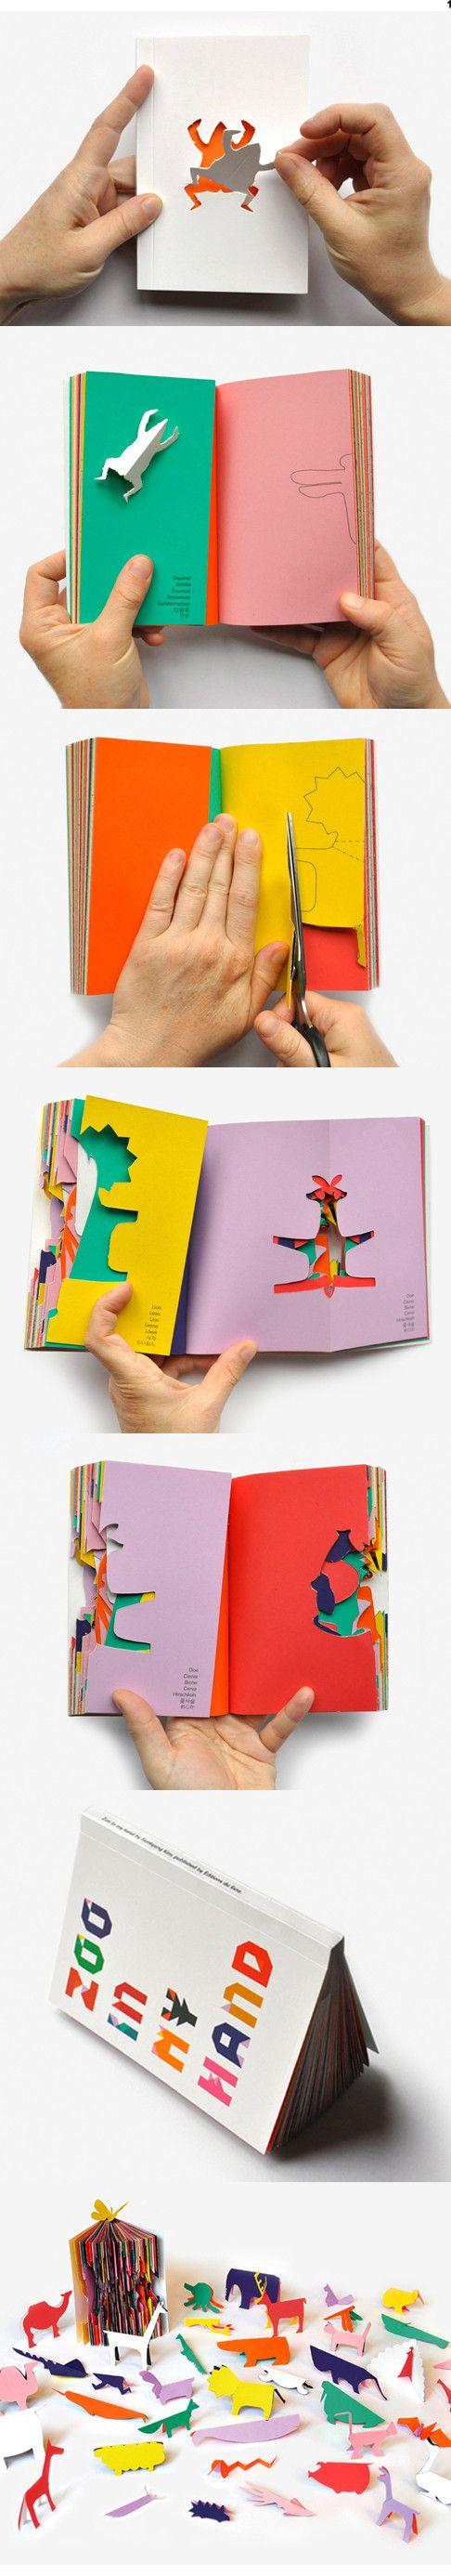 북디자인을 좋아하는데 정말 아기자기하고 귀여운 작품입니다. SunKyung Kim (김선경)님께서 만드신 책인데, 컬러 종이를 반으로 접어서 노트북으로 만들고 각 페이지마다 그려져있는 동물을 가위로 자르면 동물이 하나하나씩 생깁니다. 자르고 나면 다양한 동물이 나오는데요, 기린 부터 사자 그리고 돼지까지 없는게 없네요. 잘린 부분을 제외한 노트안에 페이지들도 디자인이네요. 정말 아름답습니다. 이분 대해서 정보가 없어서 이것저것 찾아보는중 IK & SK Design Studio를 운영하고 계시더라구요, (Inkyeong & Sunkyung)님 두분이 자매이신데 같이 운영하세요. 프랑스 Reims School of Art & Design에서 둘이 같이 졸업하셨고 저 위에 작품처럼 북디자인과 페이퍼아트를 주로 하시는것 같아요. A zoo in the palm of your hands by Sunkyung Kim. - 추가 글 올립니다. 책 주문...